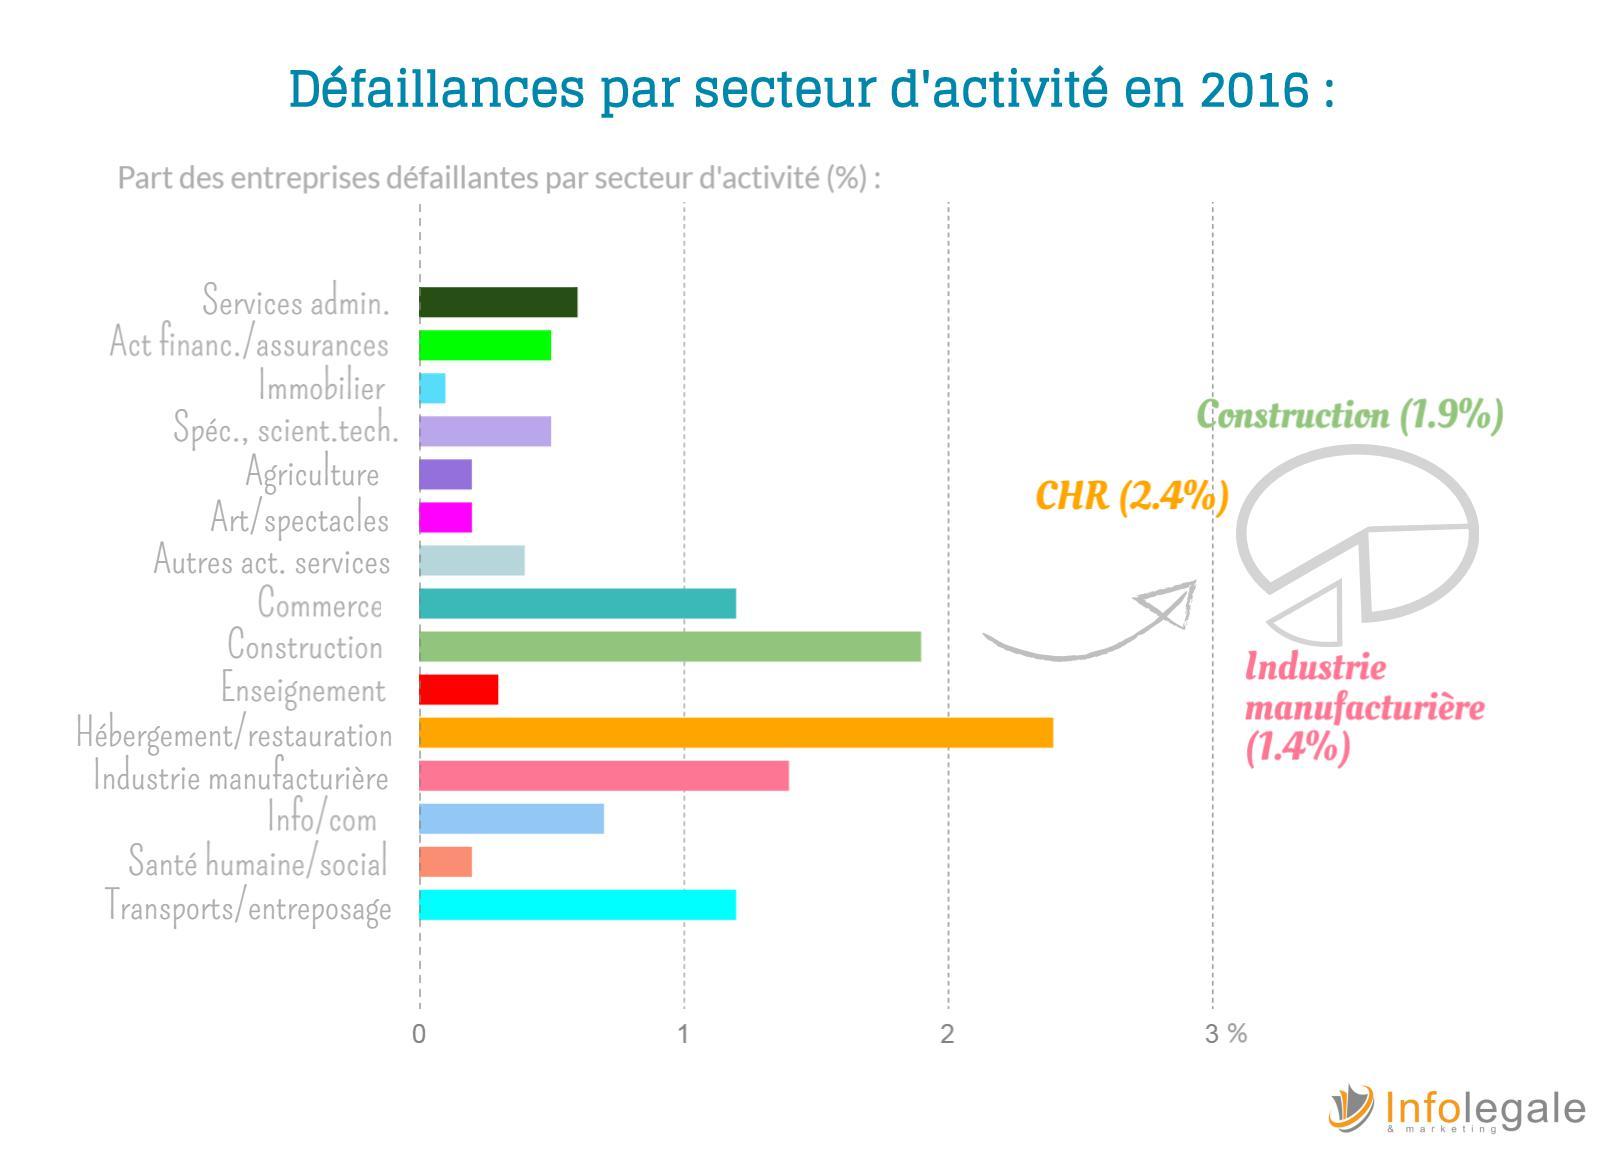 Defaillances par secteurs en 2016